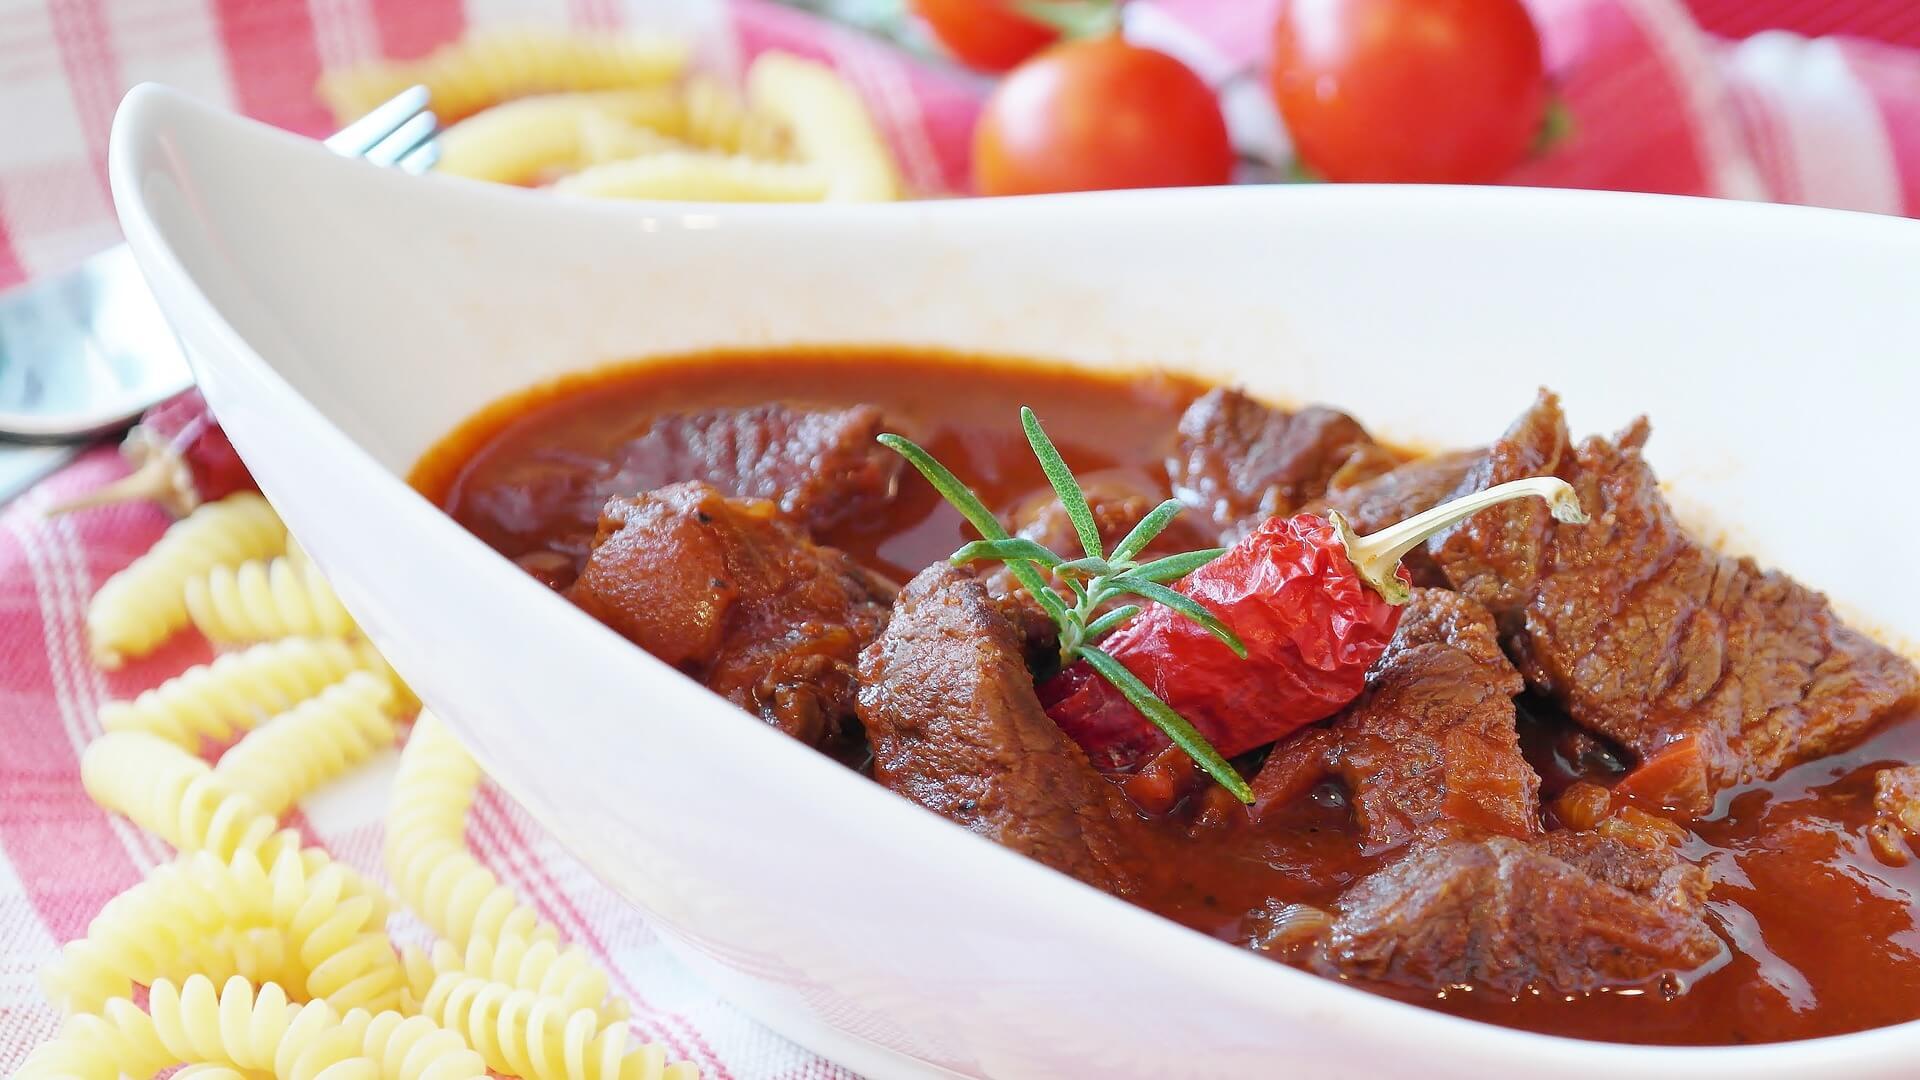 Las mejores salsas para acompañar carnes estas navidades